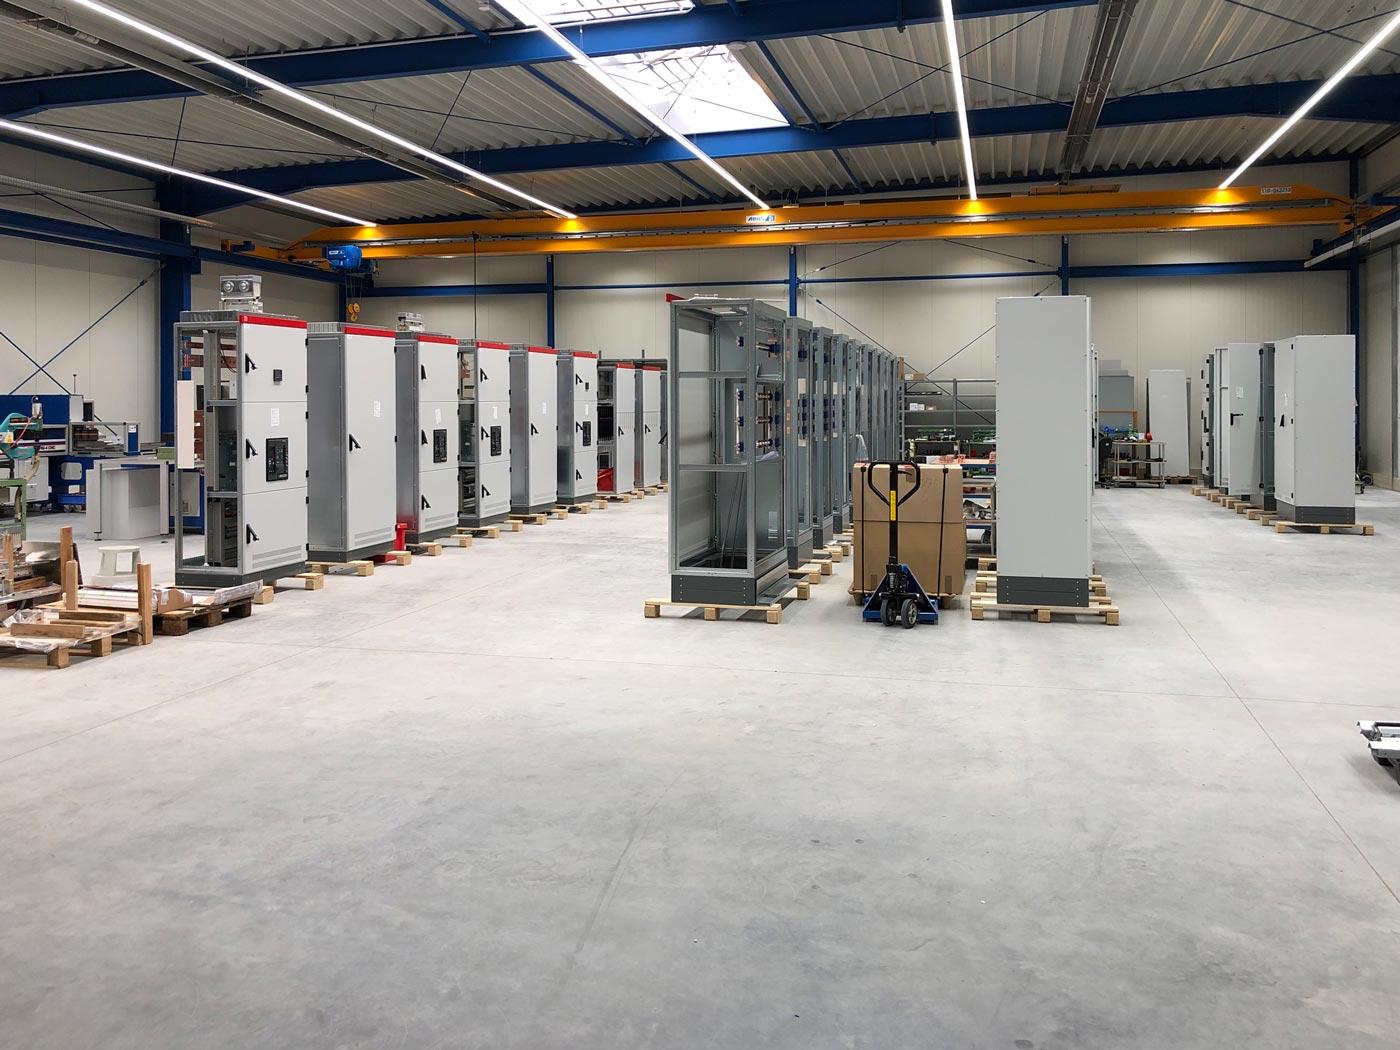 Kesselhut Anbau 2019: Die neue Produktionsfläche wird befüllt.